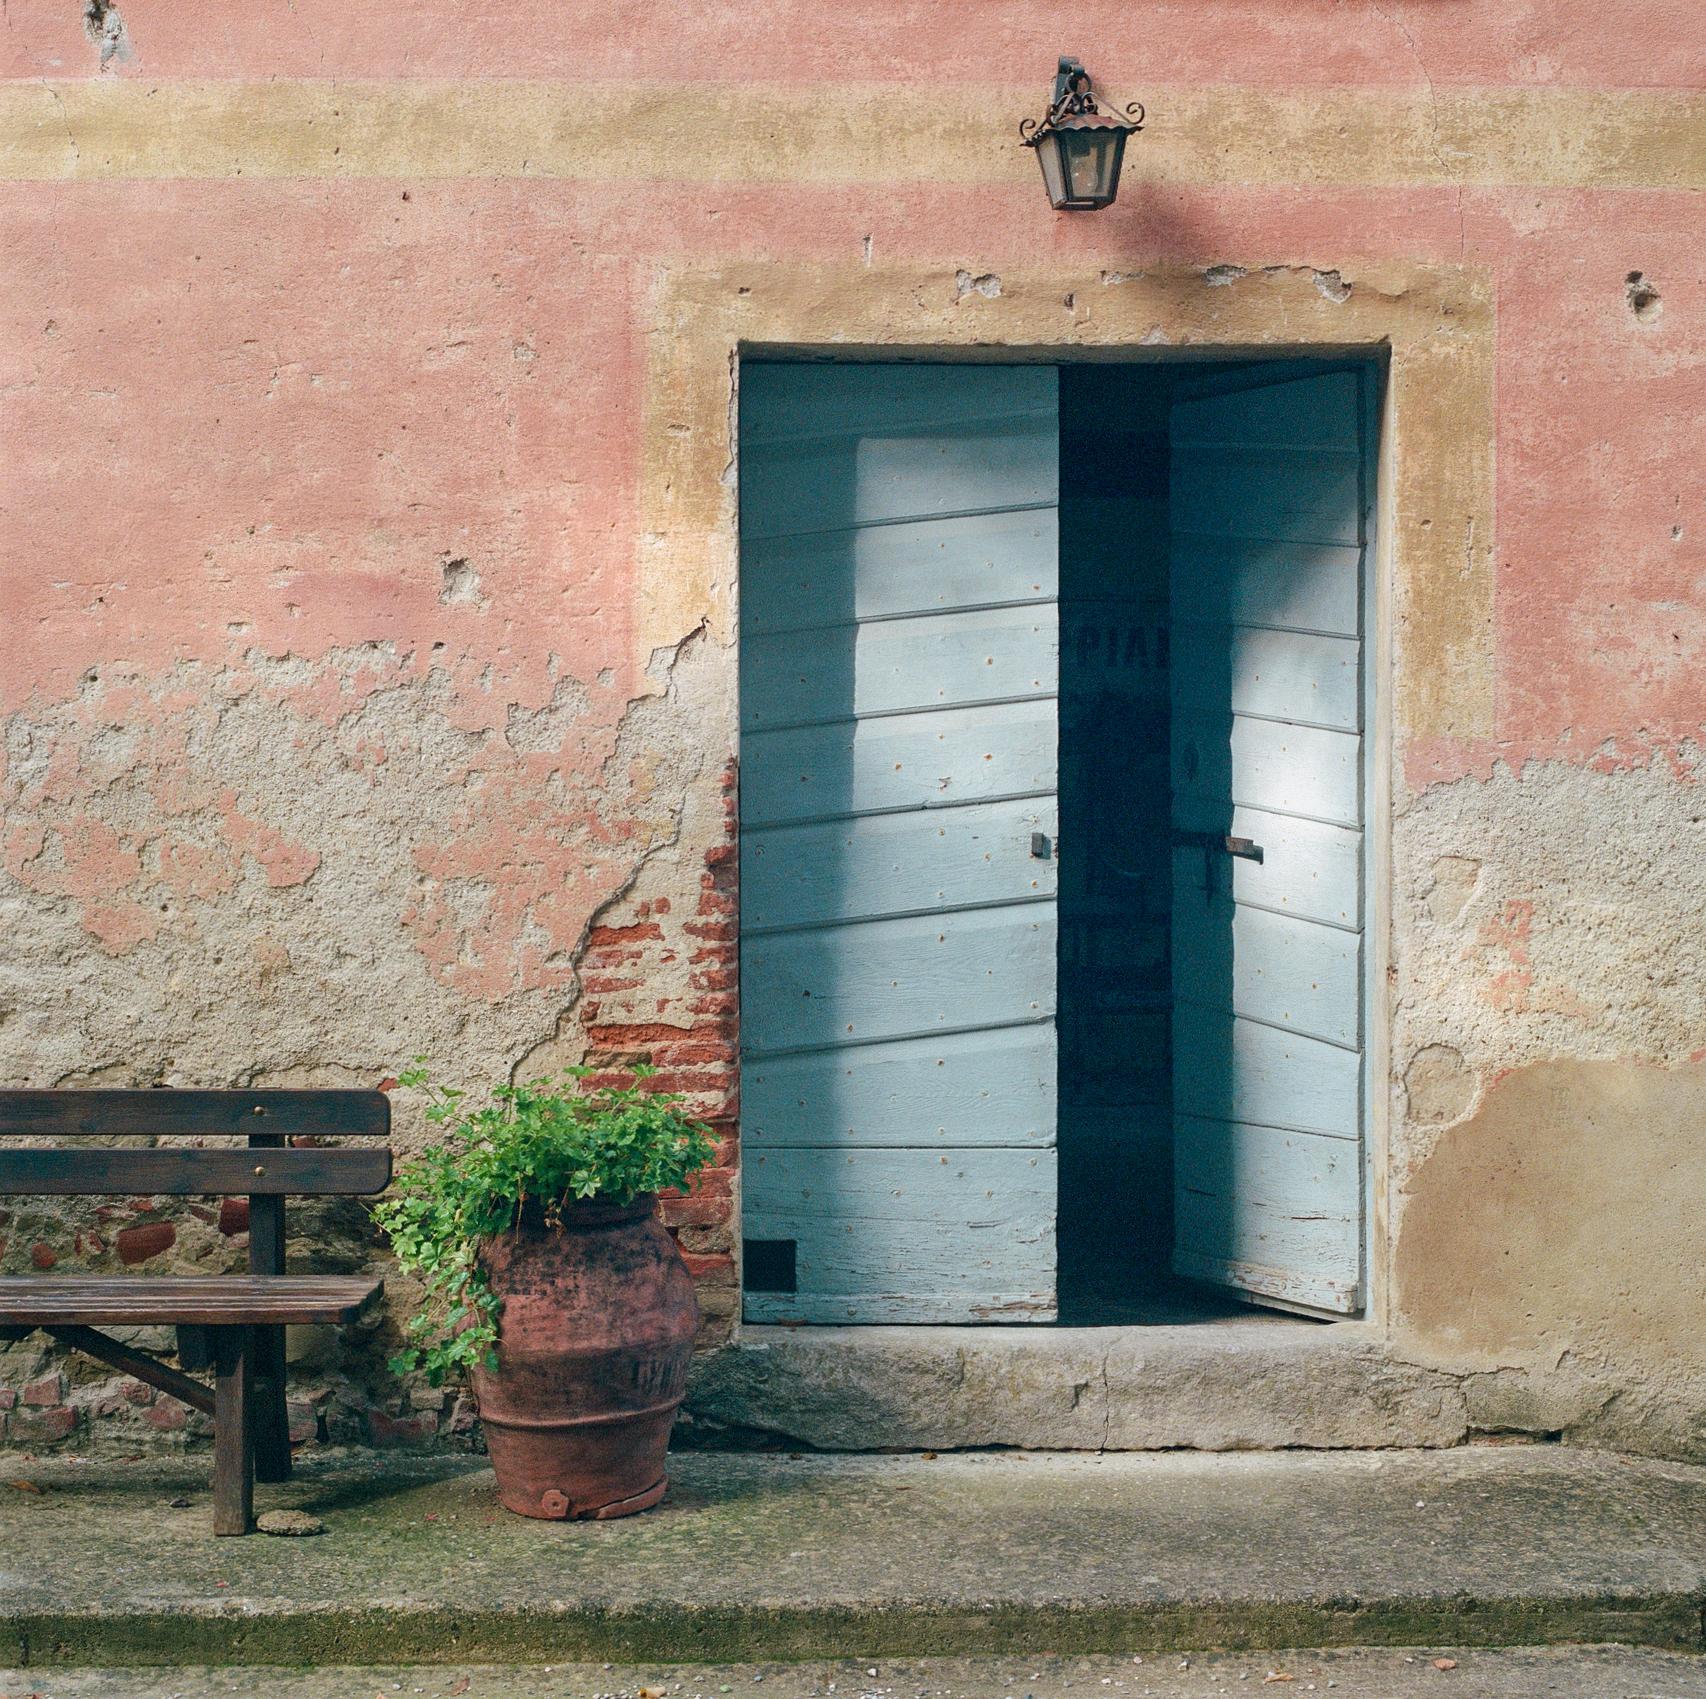 Villa_Pia_slideshow-5.jpg